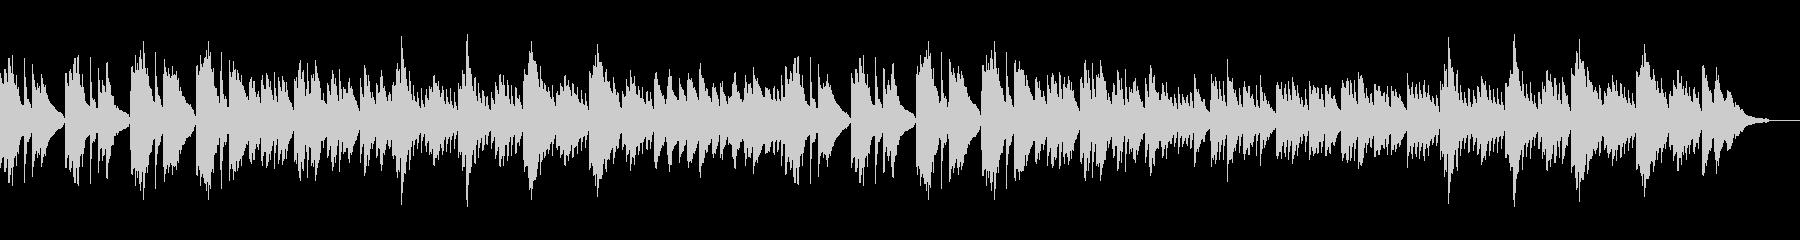 ゆったり流れる癒しのピアノソロの未再生の波形